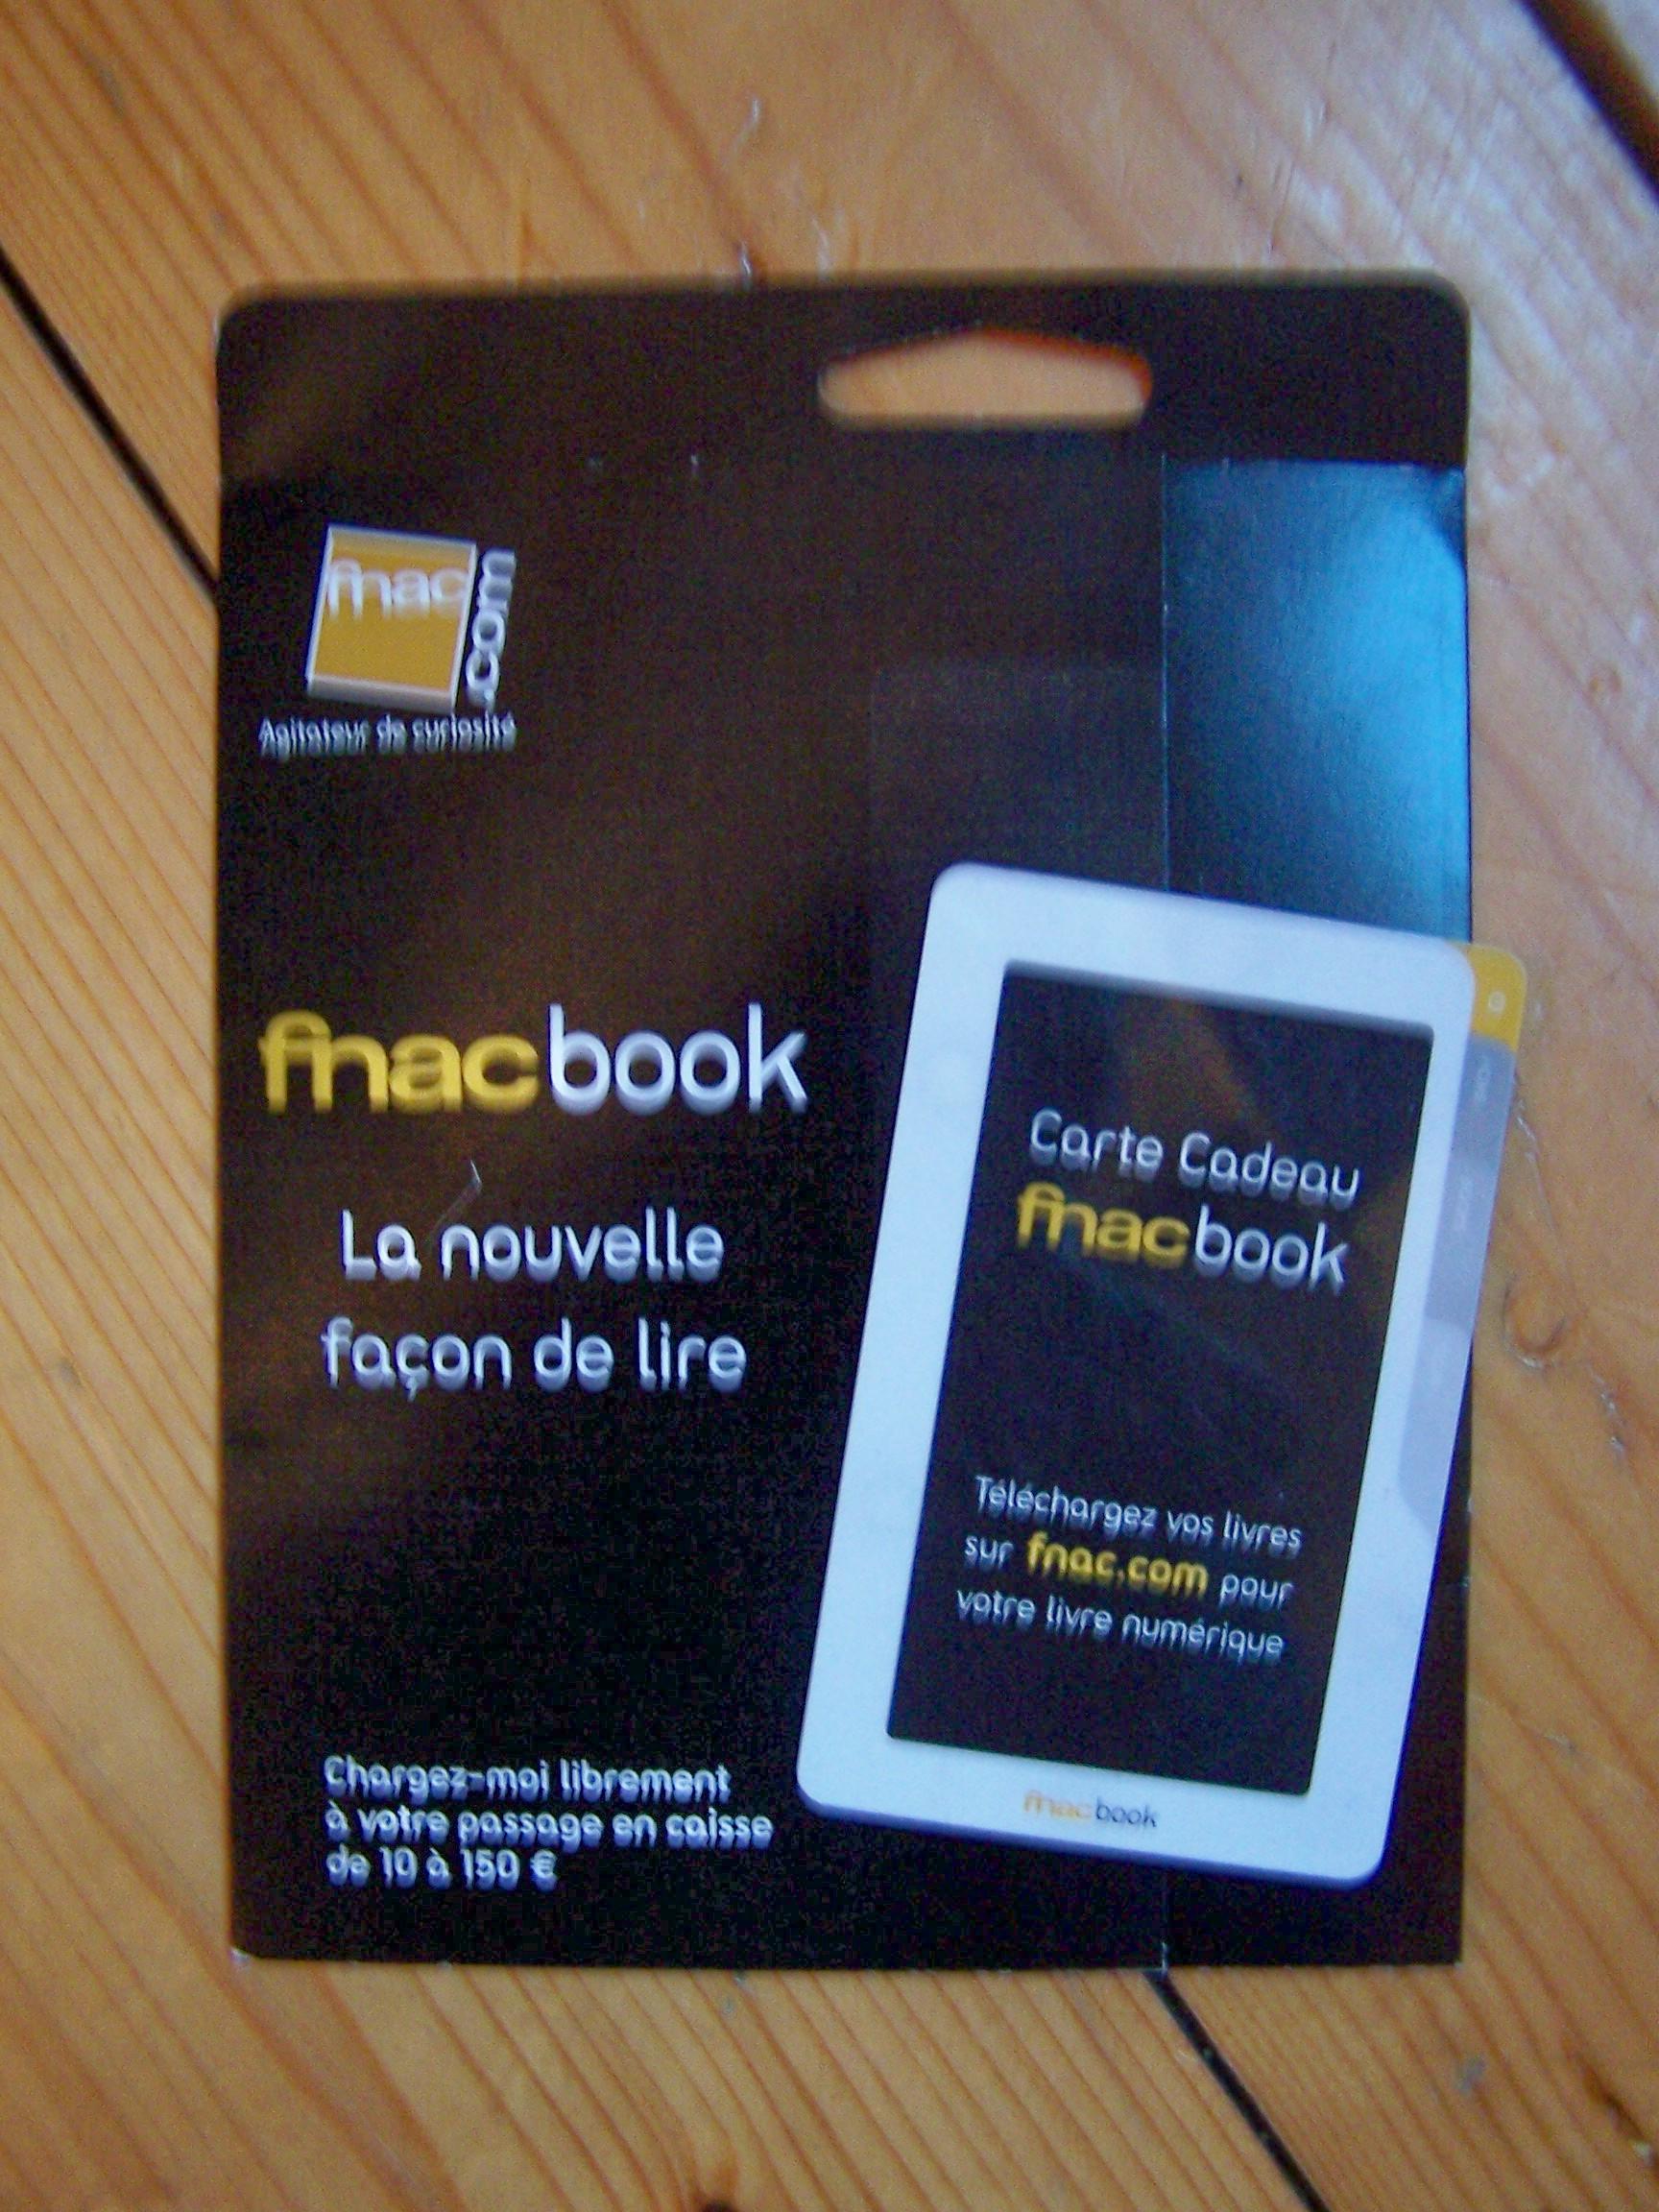 f8a3b403288b2 Bonne idée de la Fnac, bravo, c'est la possibilité de pouvoir offrir une  Carte Cadeau FnacBook avec un montant à définir en caisse entre 10 et 150€.